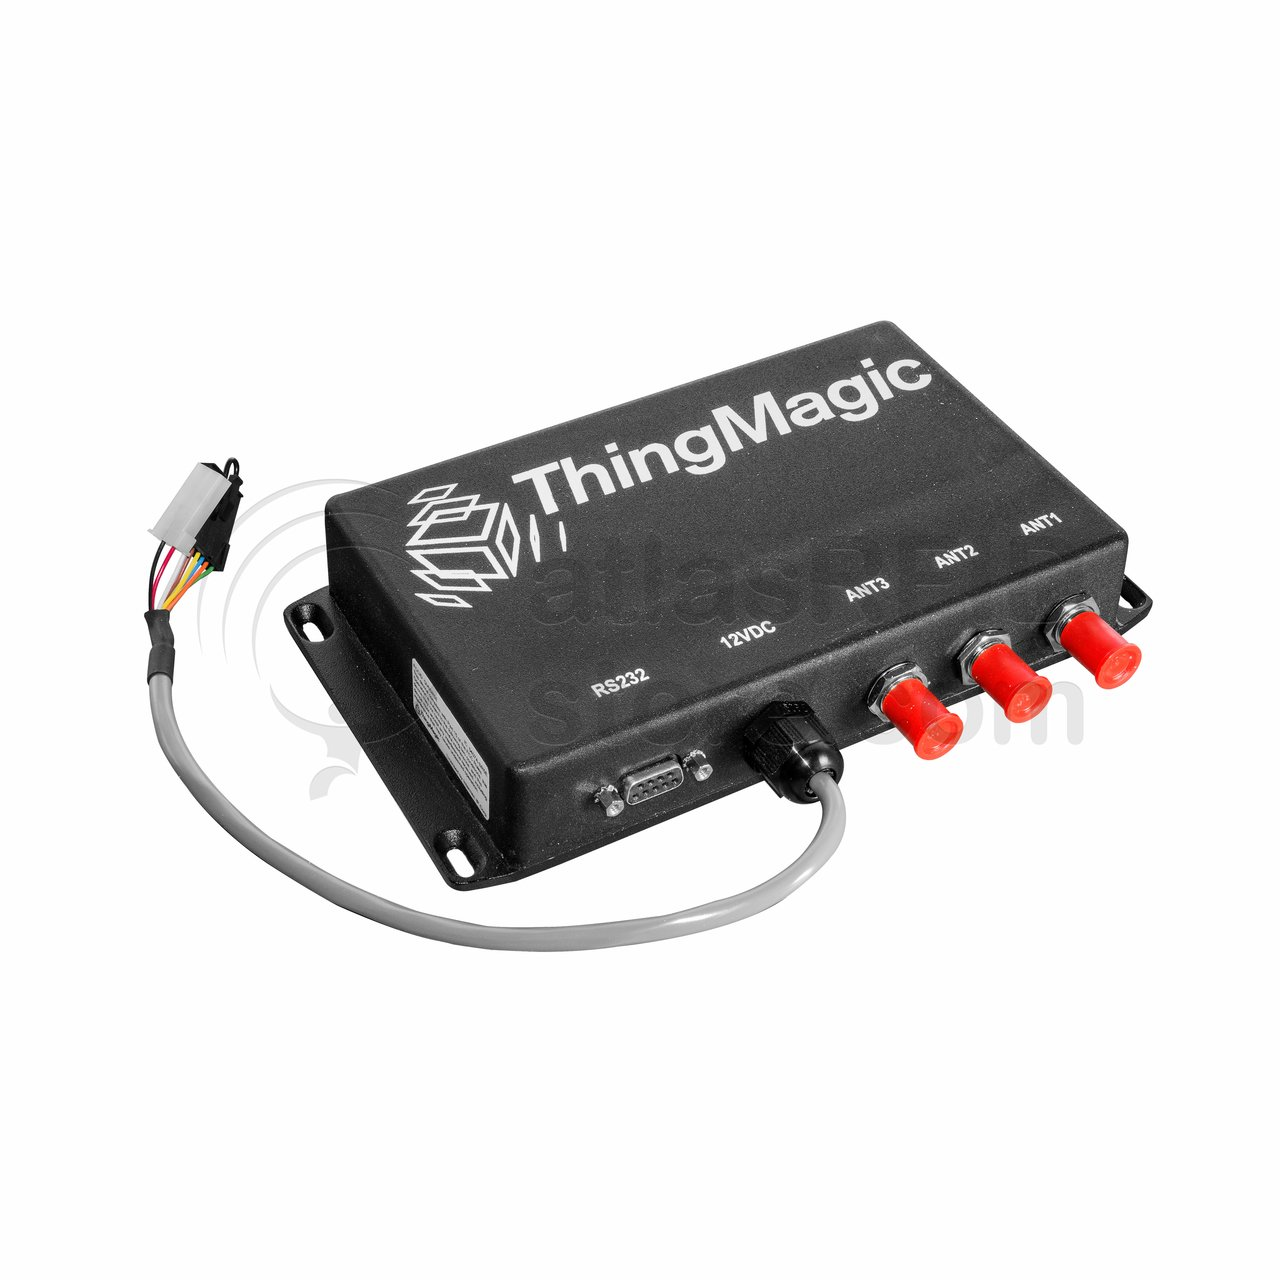 ThingMagic Vega Ruggedized RFID Reader (902-928 MHz)